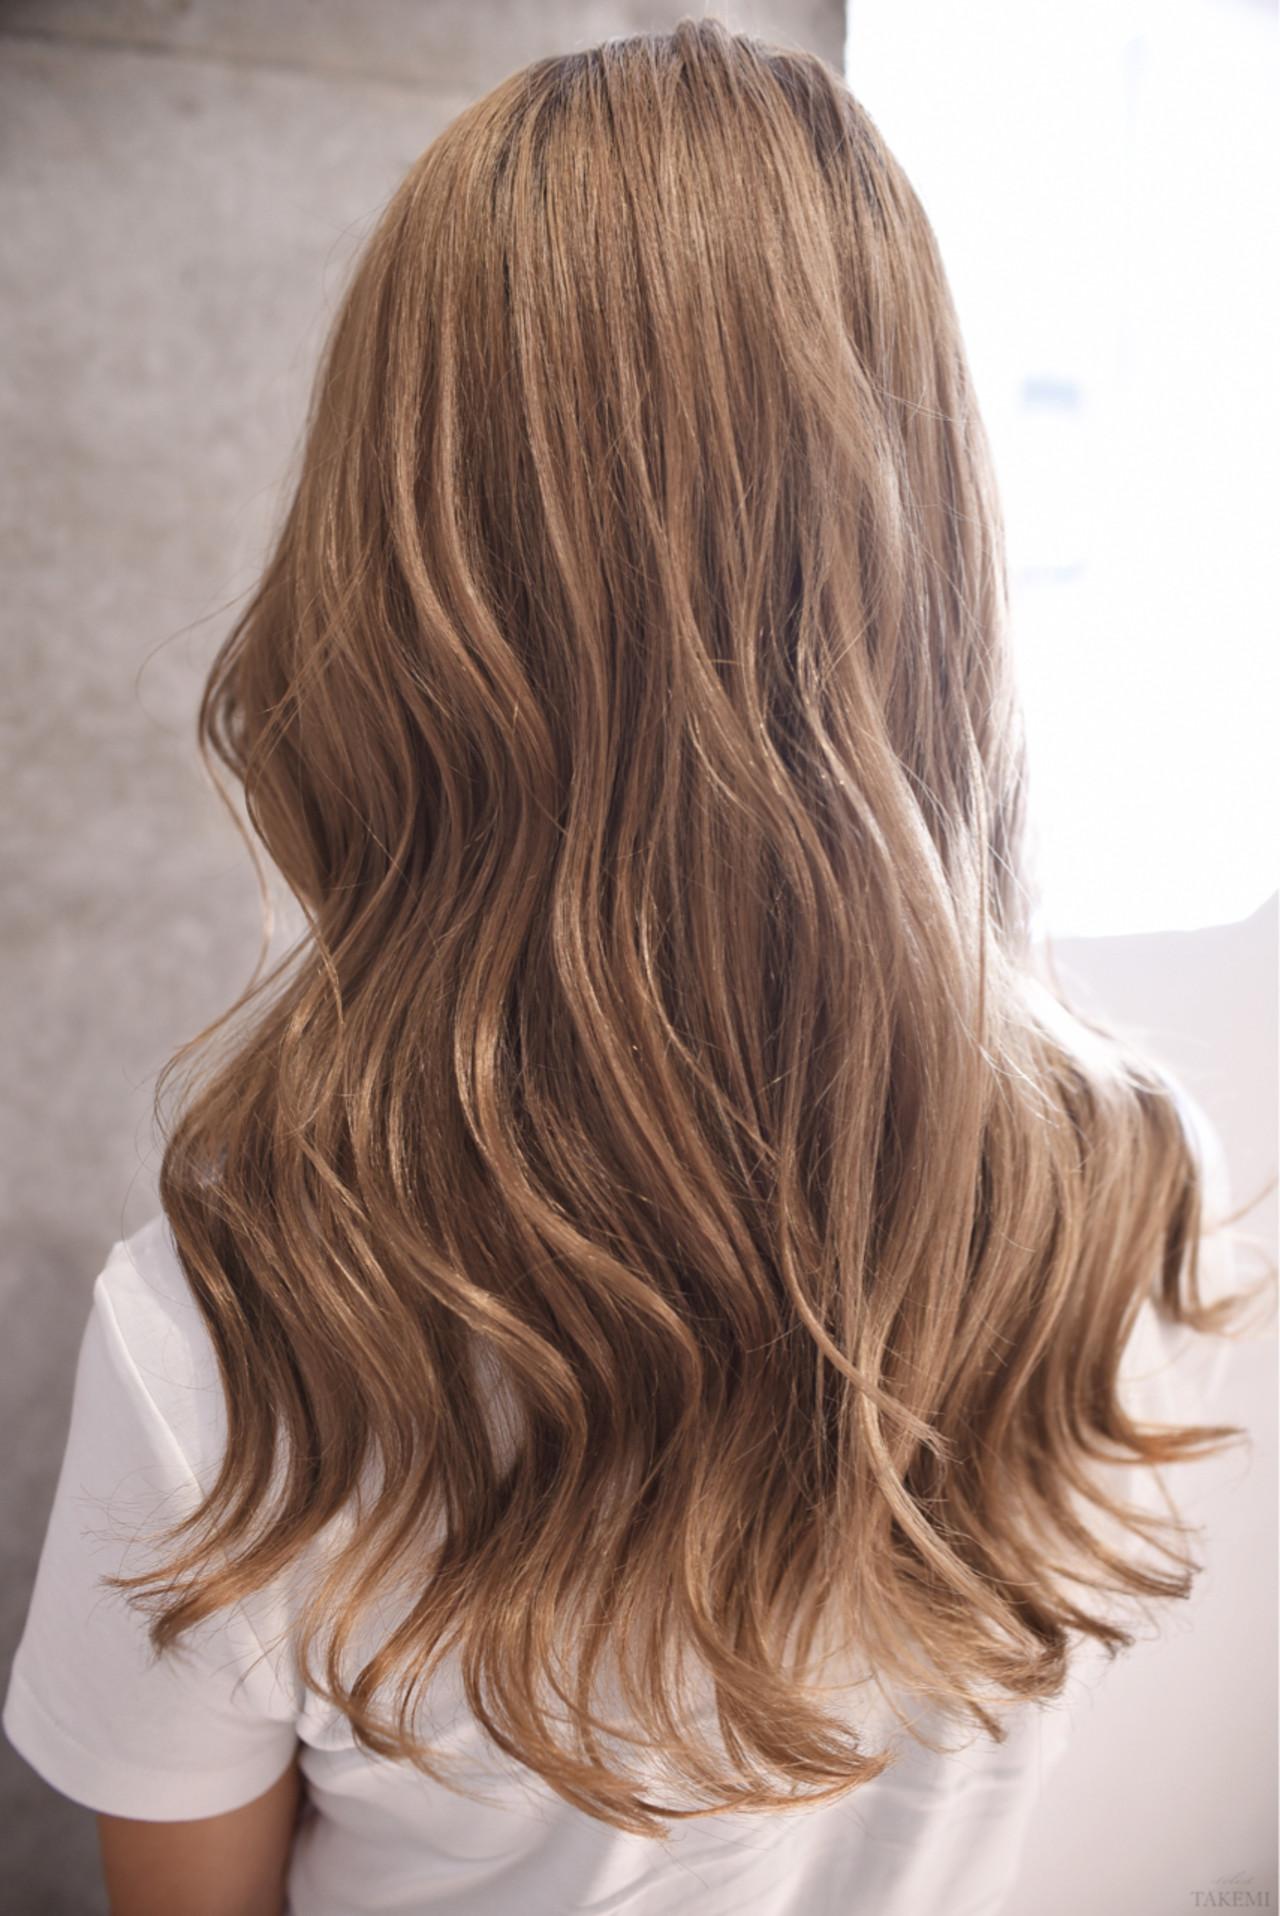 グラデーションカラー ハイライト ガーリー ダブルカラー ヘアスタイルや髪型の写真・画像